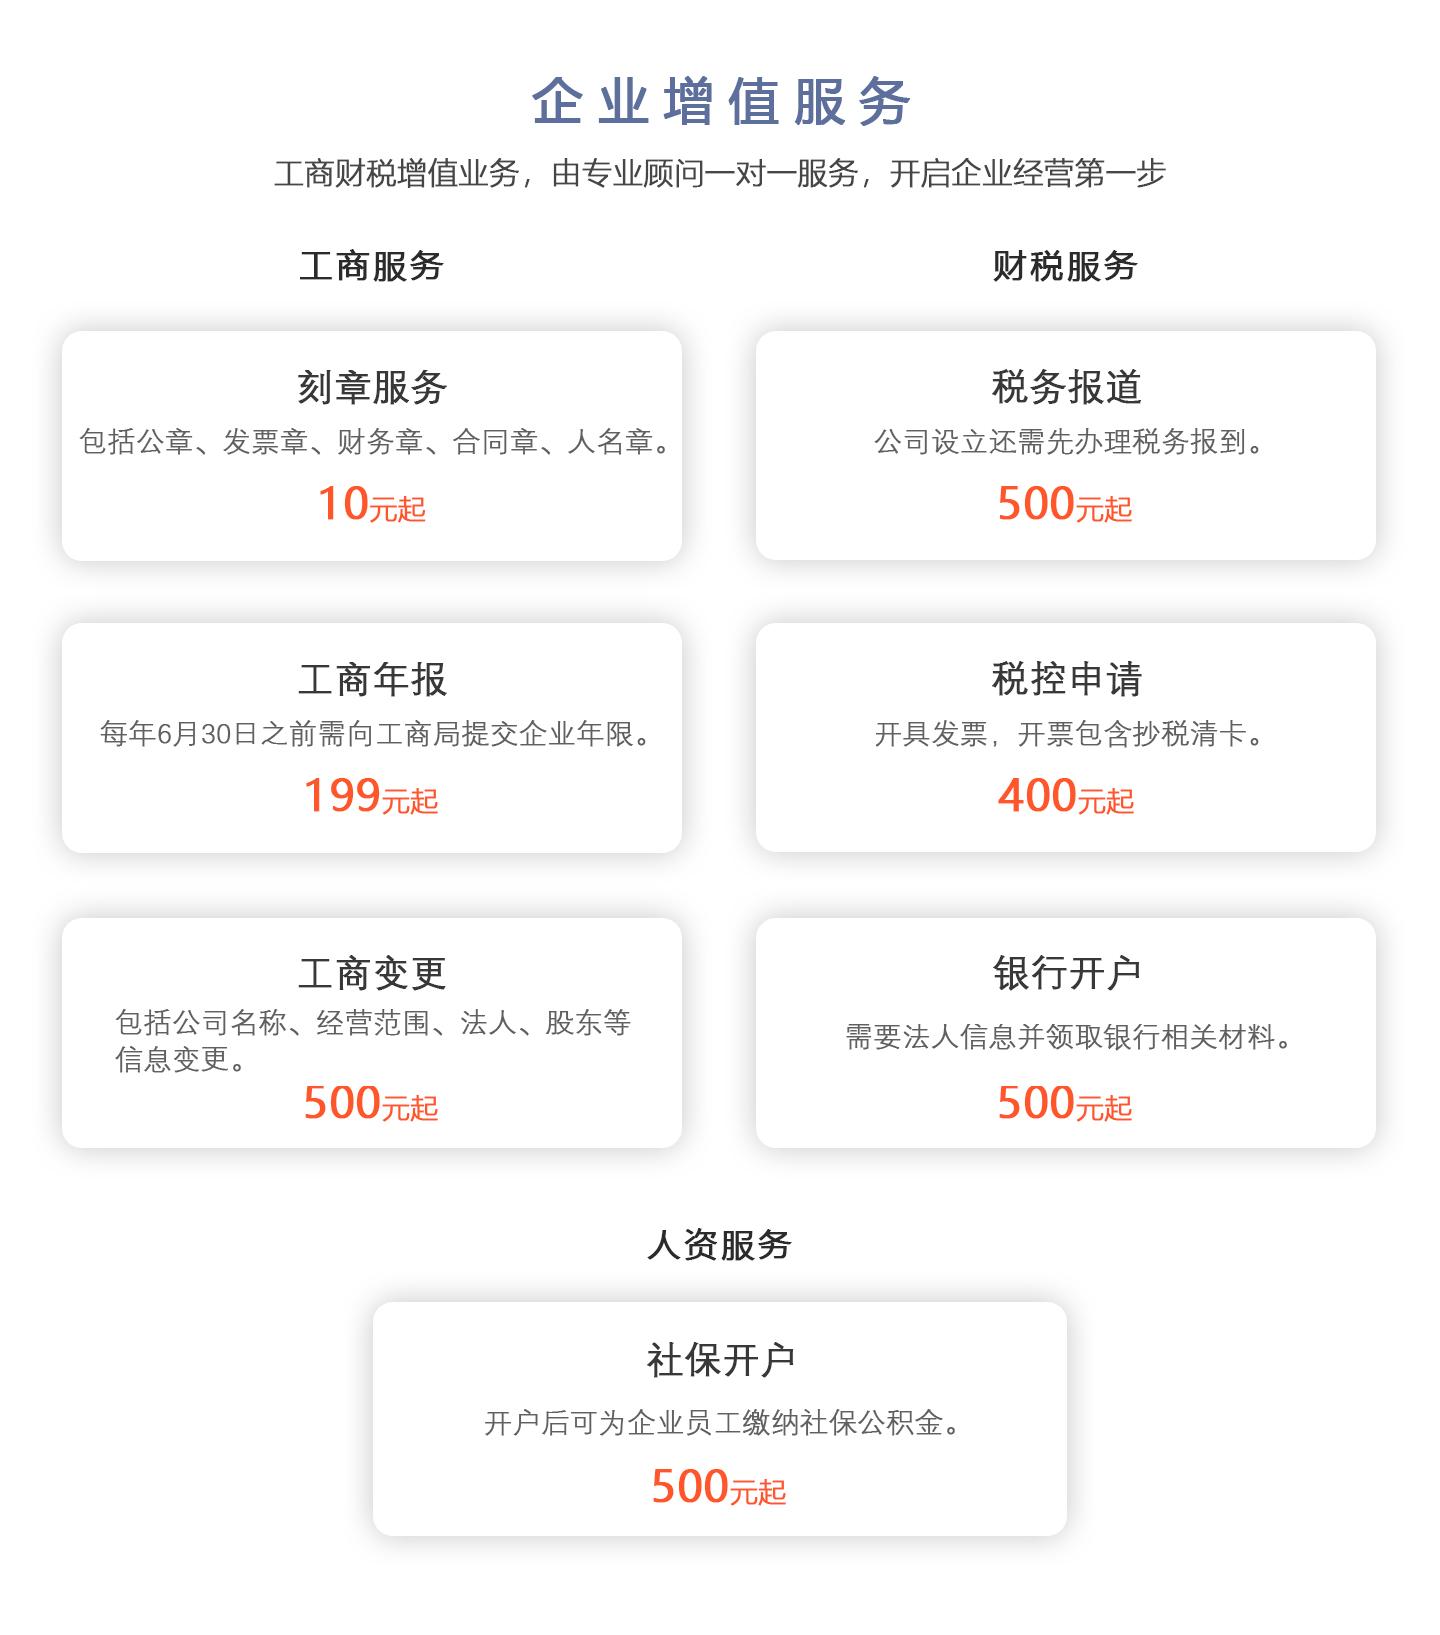 工商注册1440_03.jpg